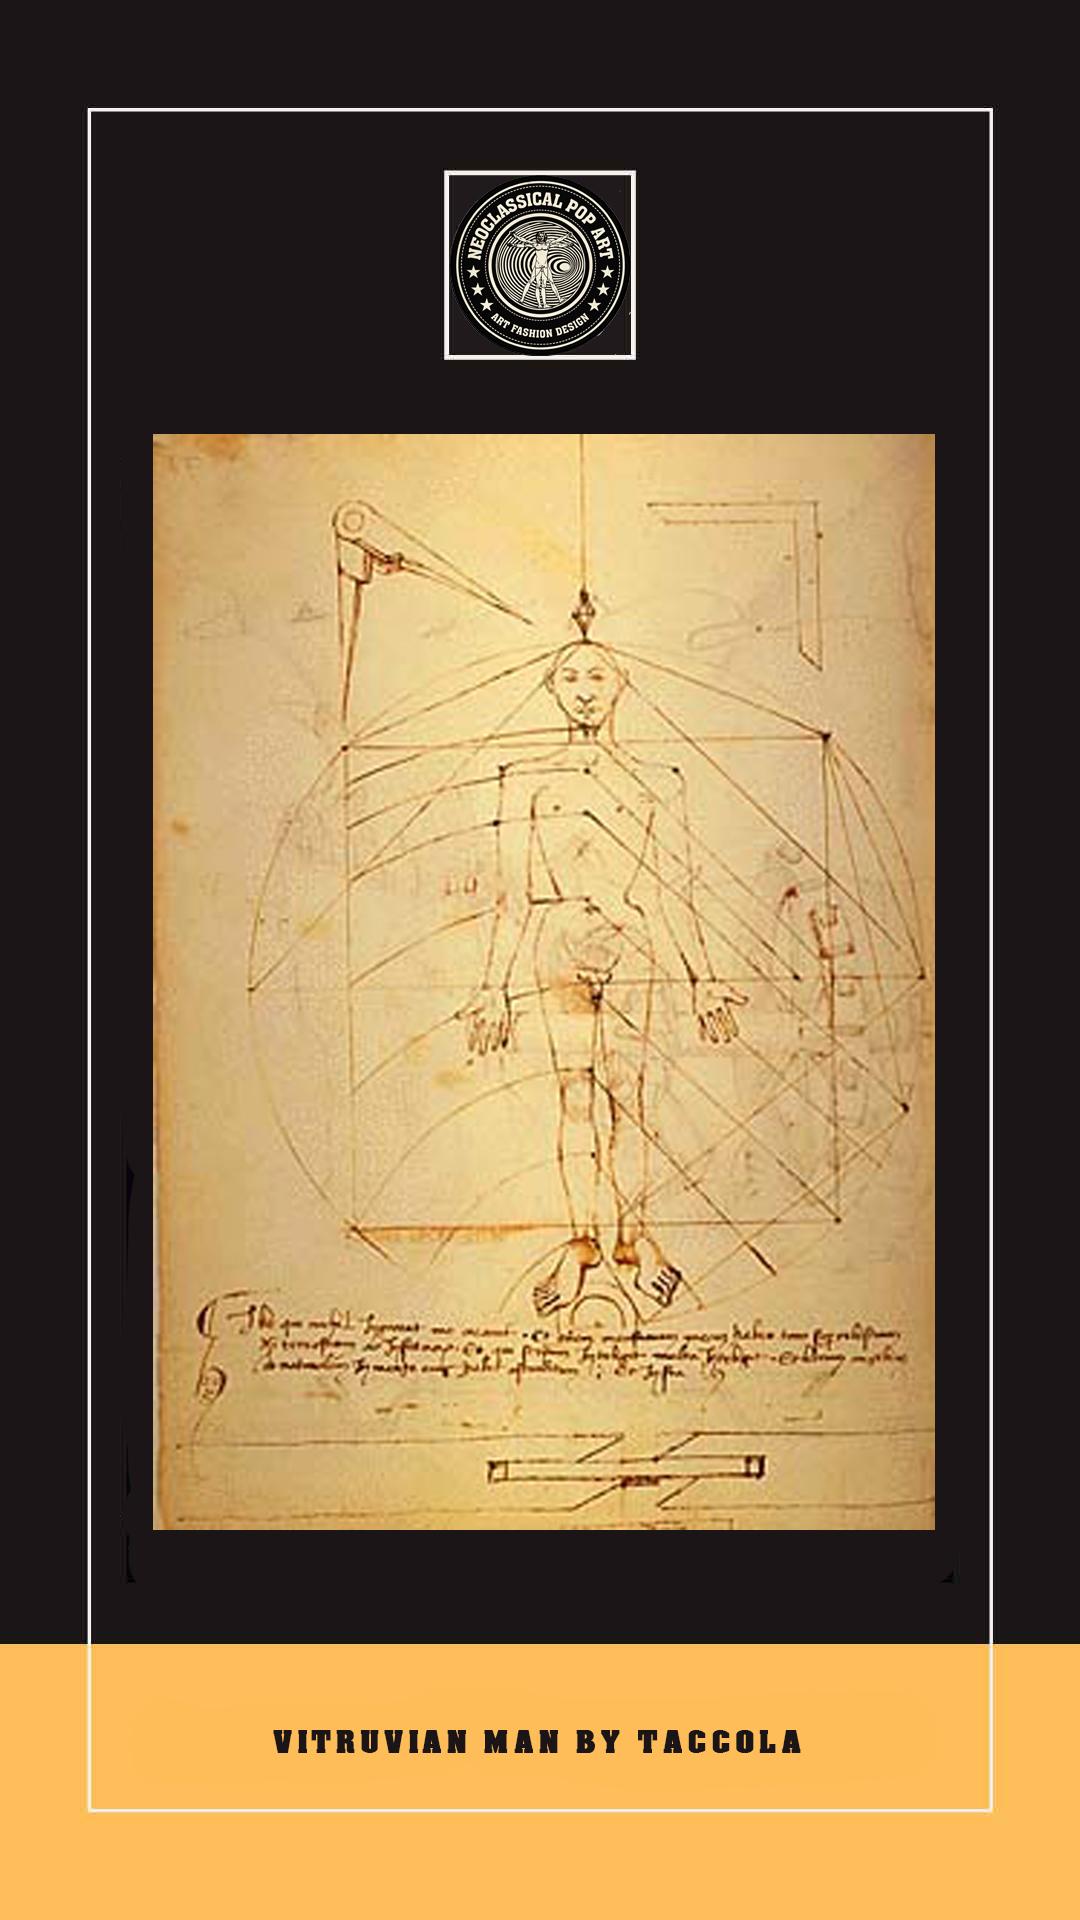 taccola-vitruvian man-drawing study